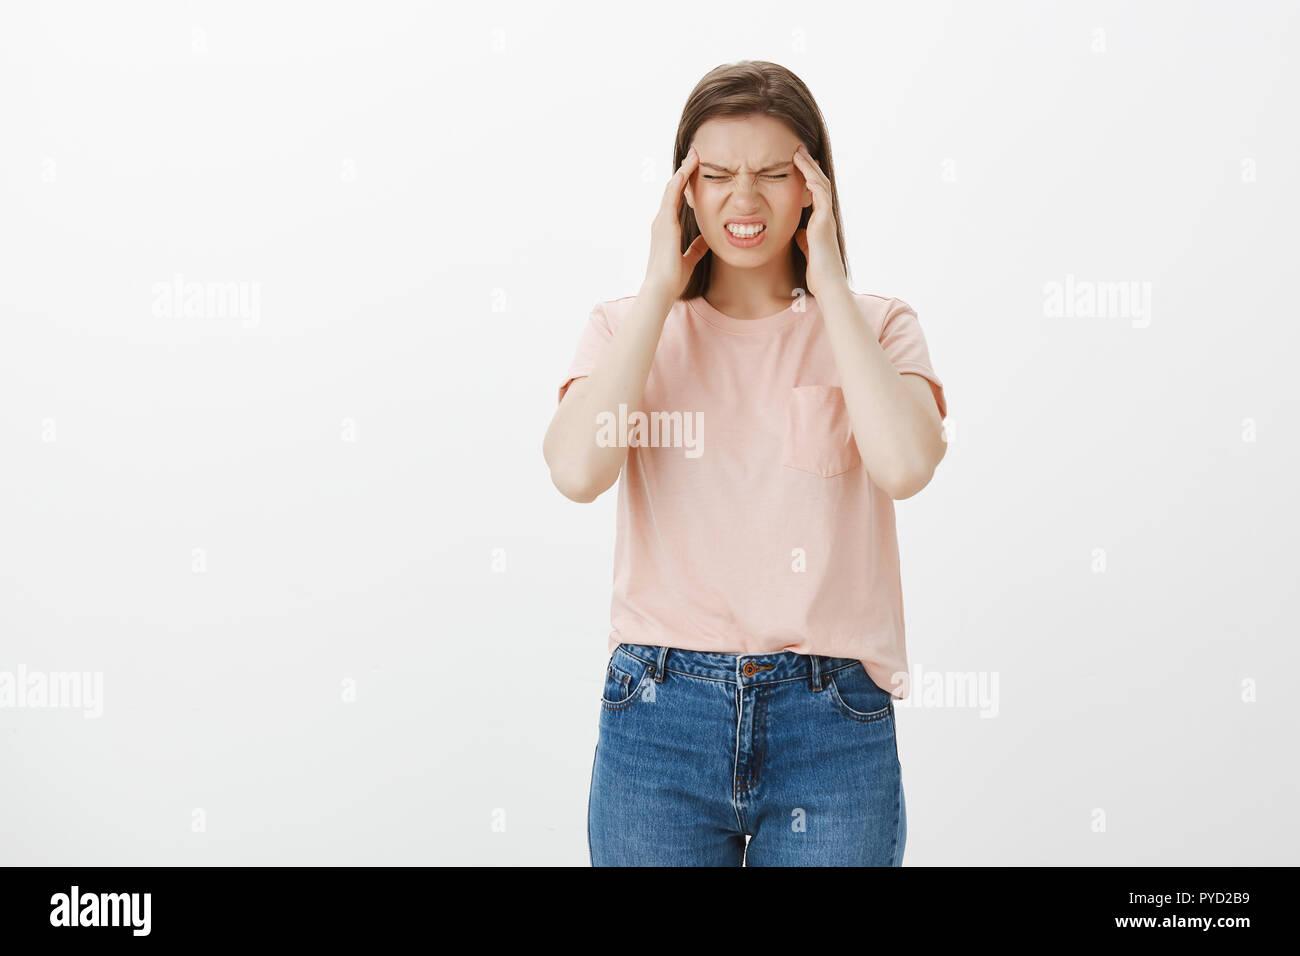 Bei berührung schmerzt nasenspitze Atherom (Grützbeutel):